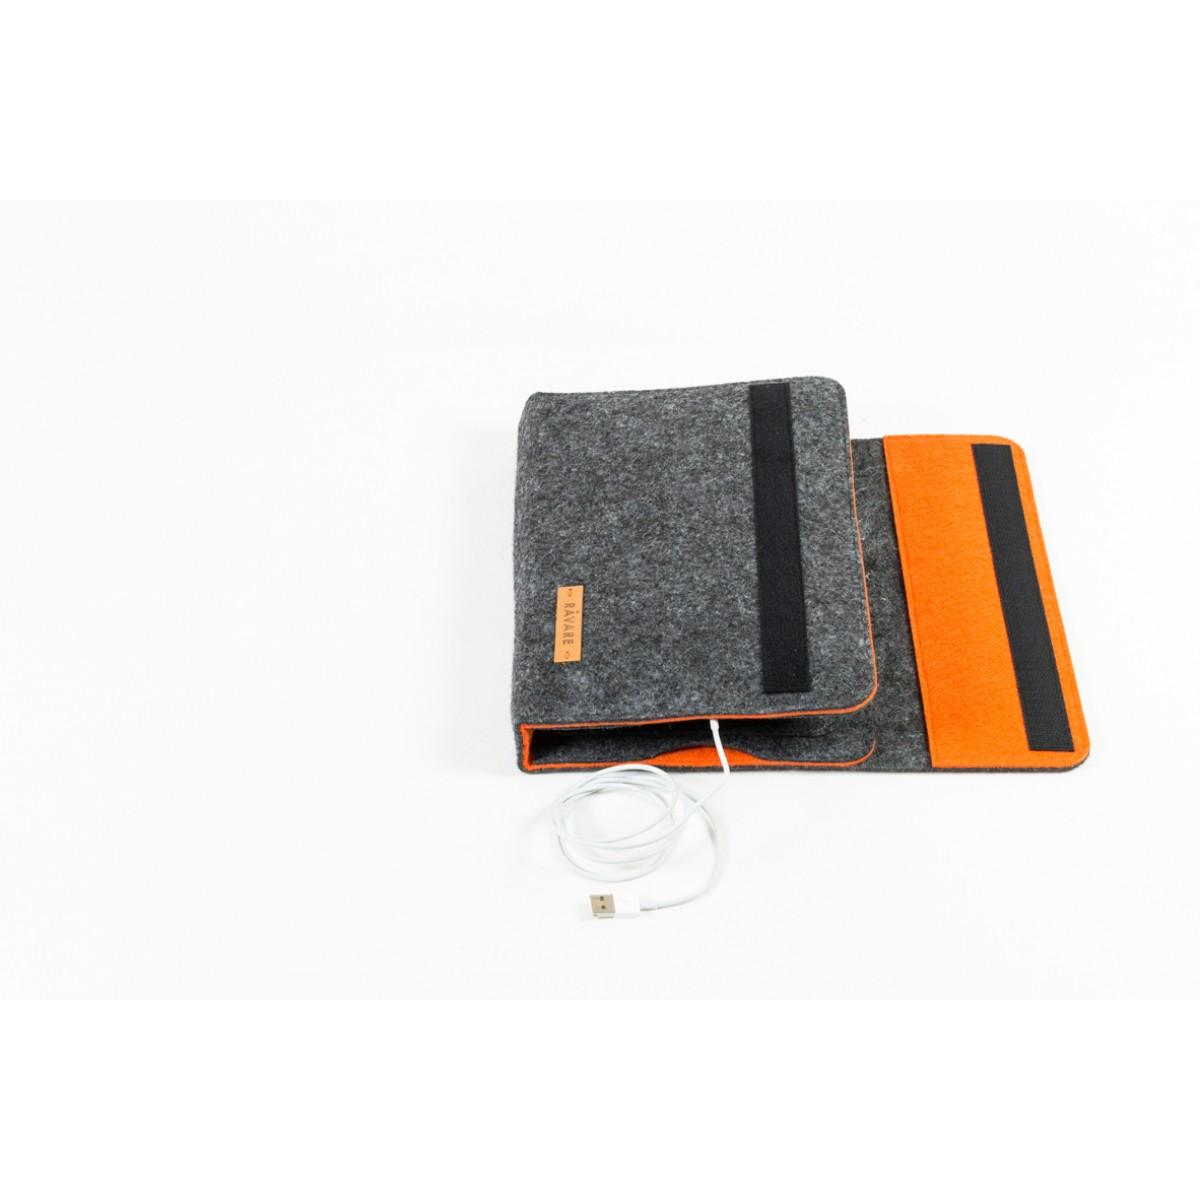 RÅVARE Tablet Organizer für kleine und mittlere Tablets ≤10.1″ mit vielen Stecklaschen, iPad, Samsung in grau-orange [KOCO M]